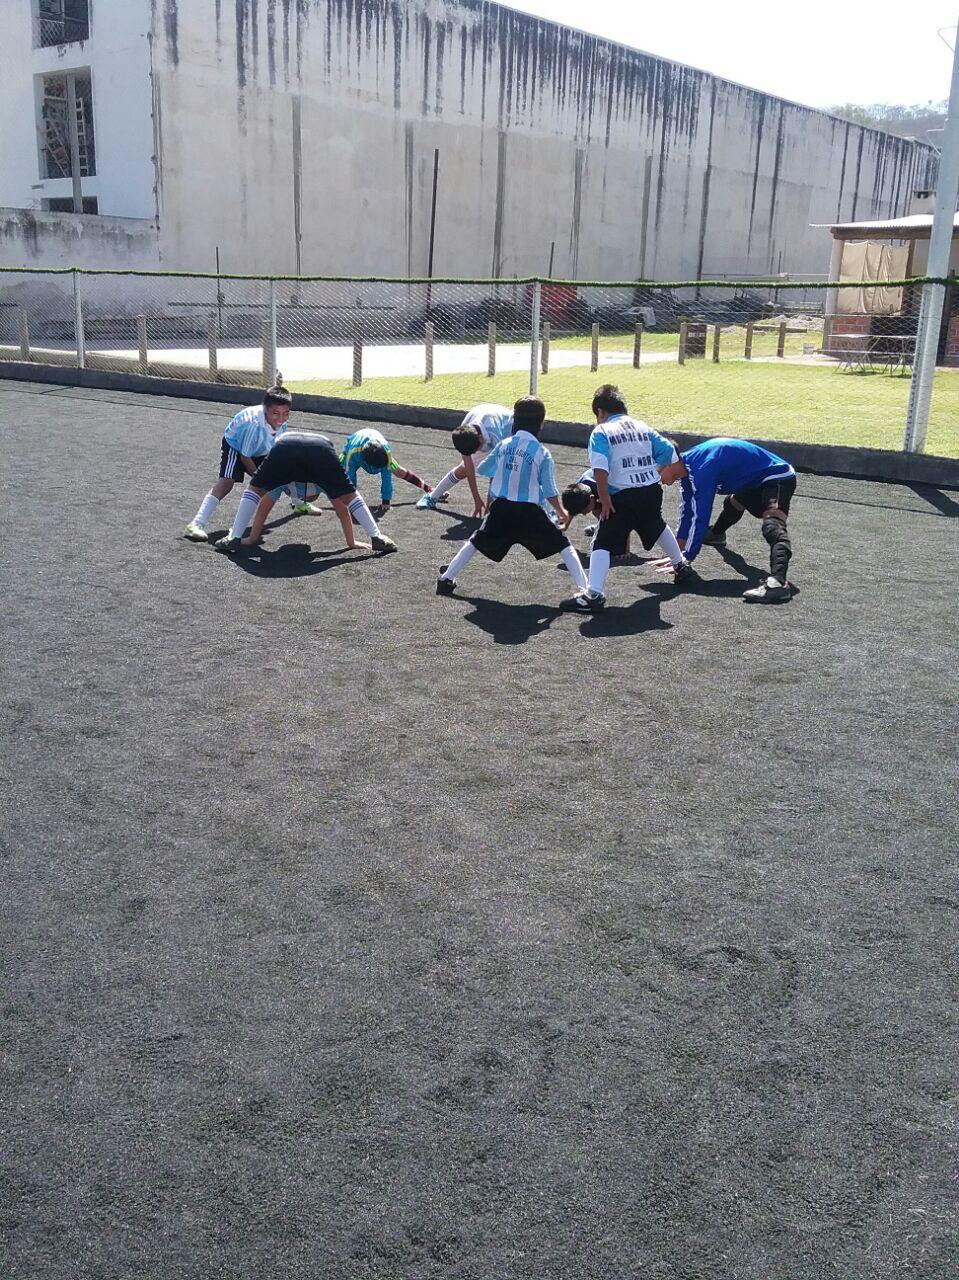 Fútbol para ciegos: El Torneo de Habilidades se trasladó a Salta